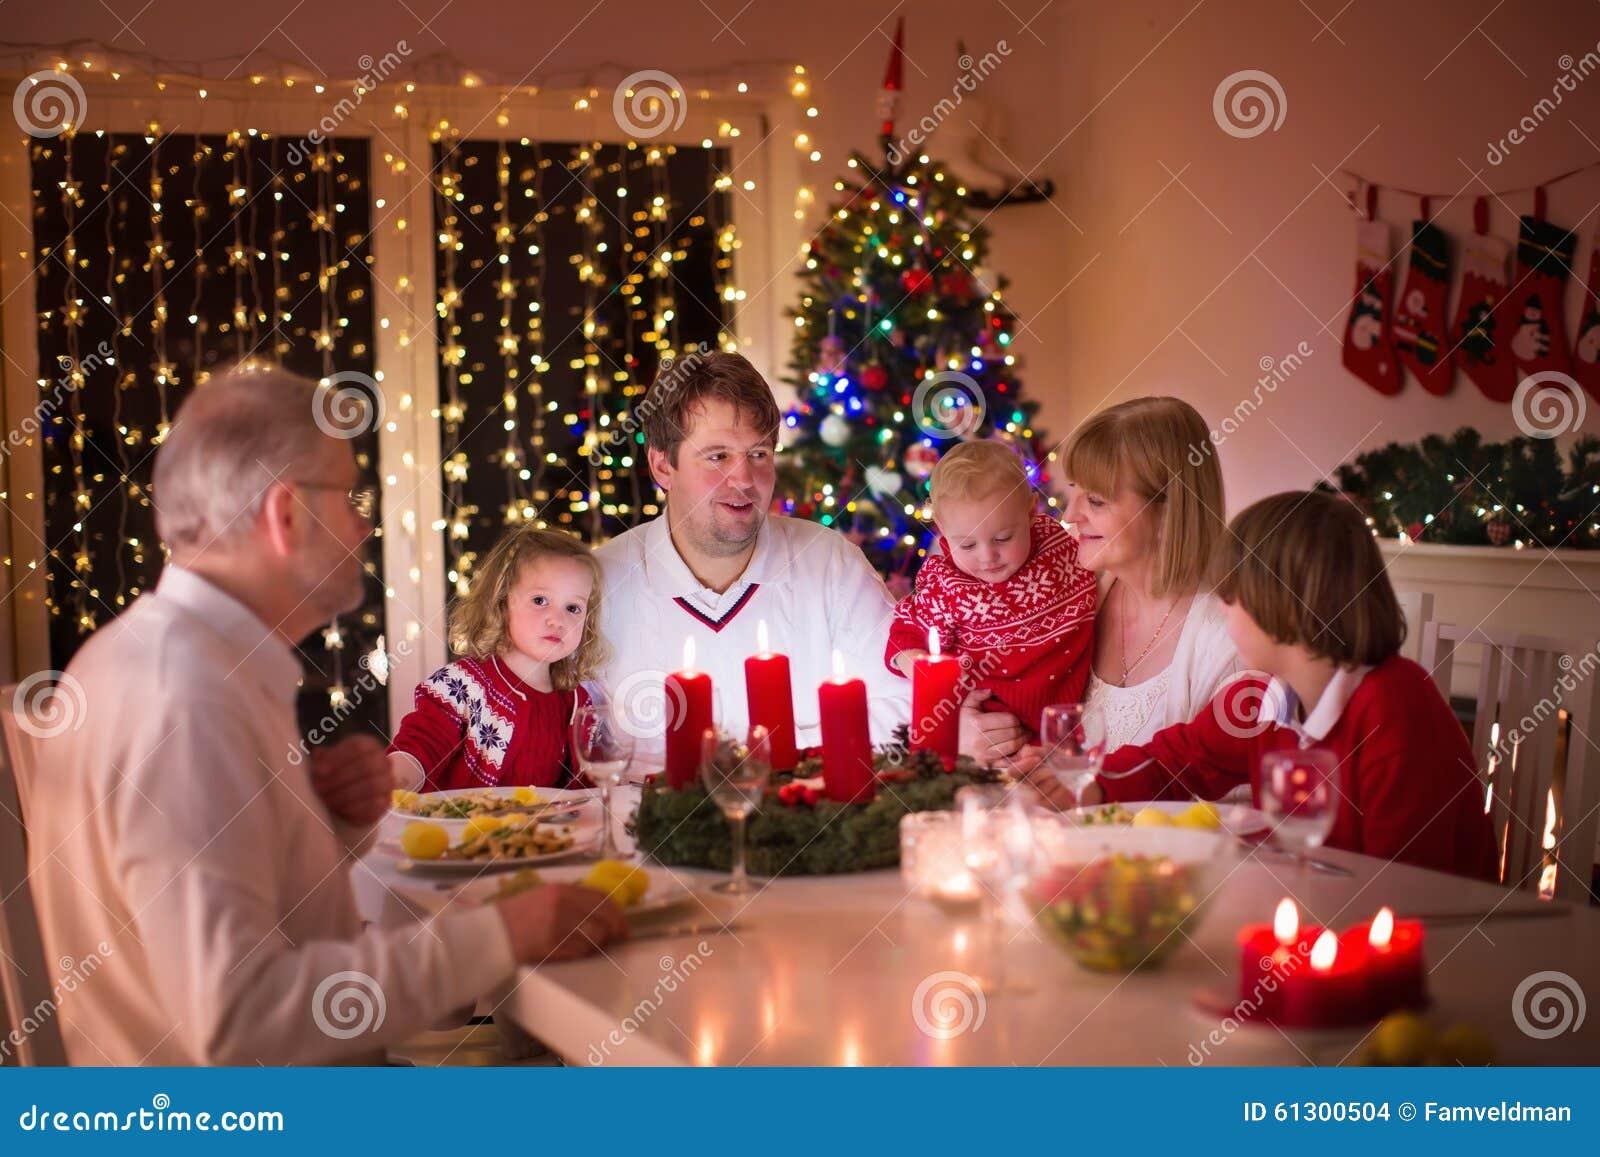 Family Enjoying Christmas Dinner At Home Stock Photo